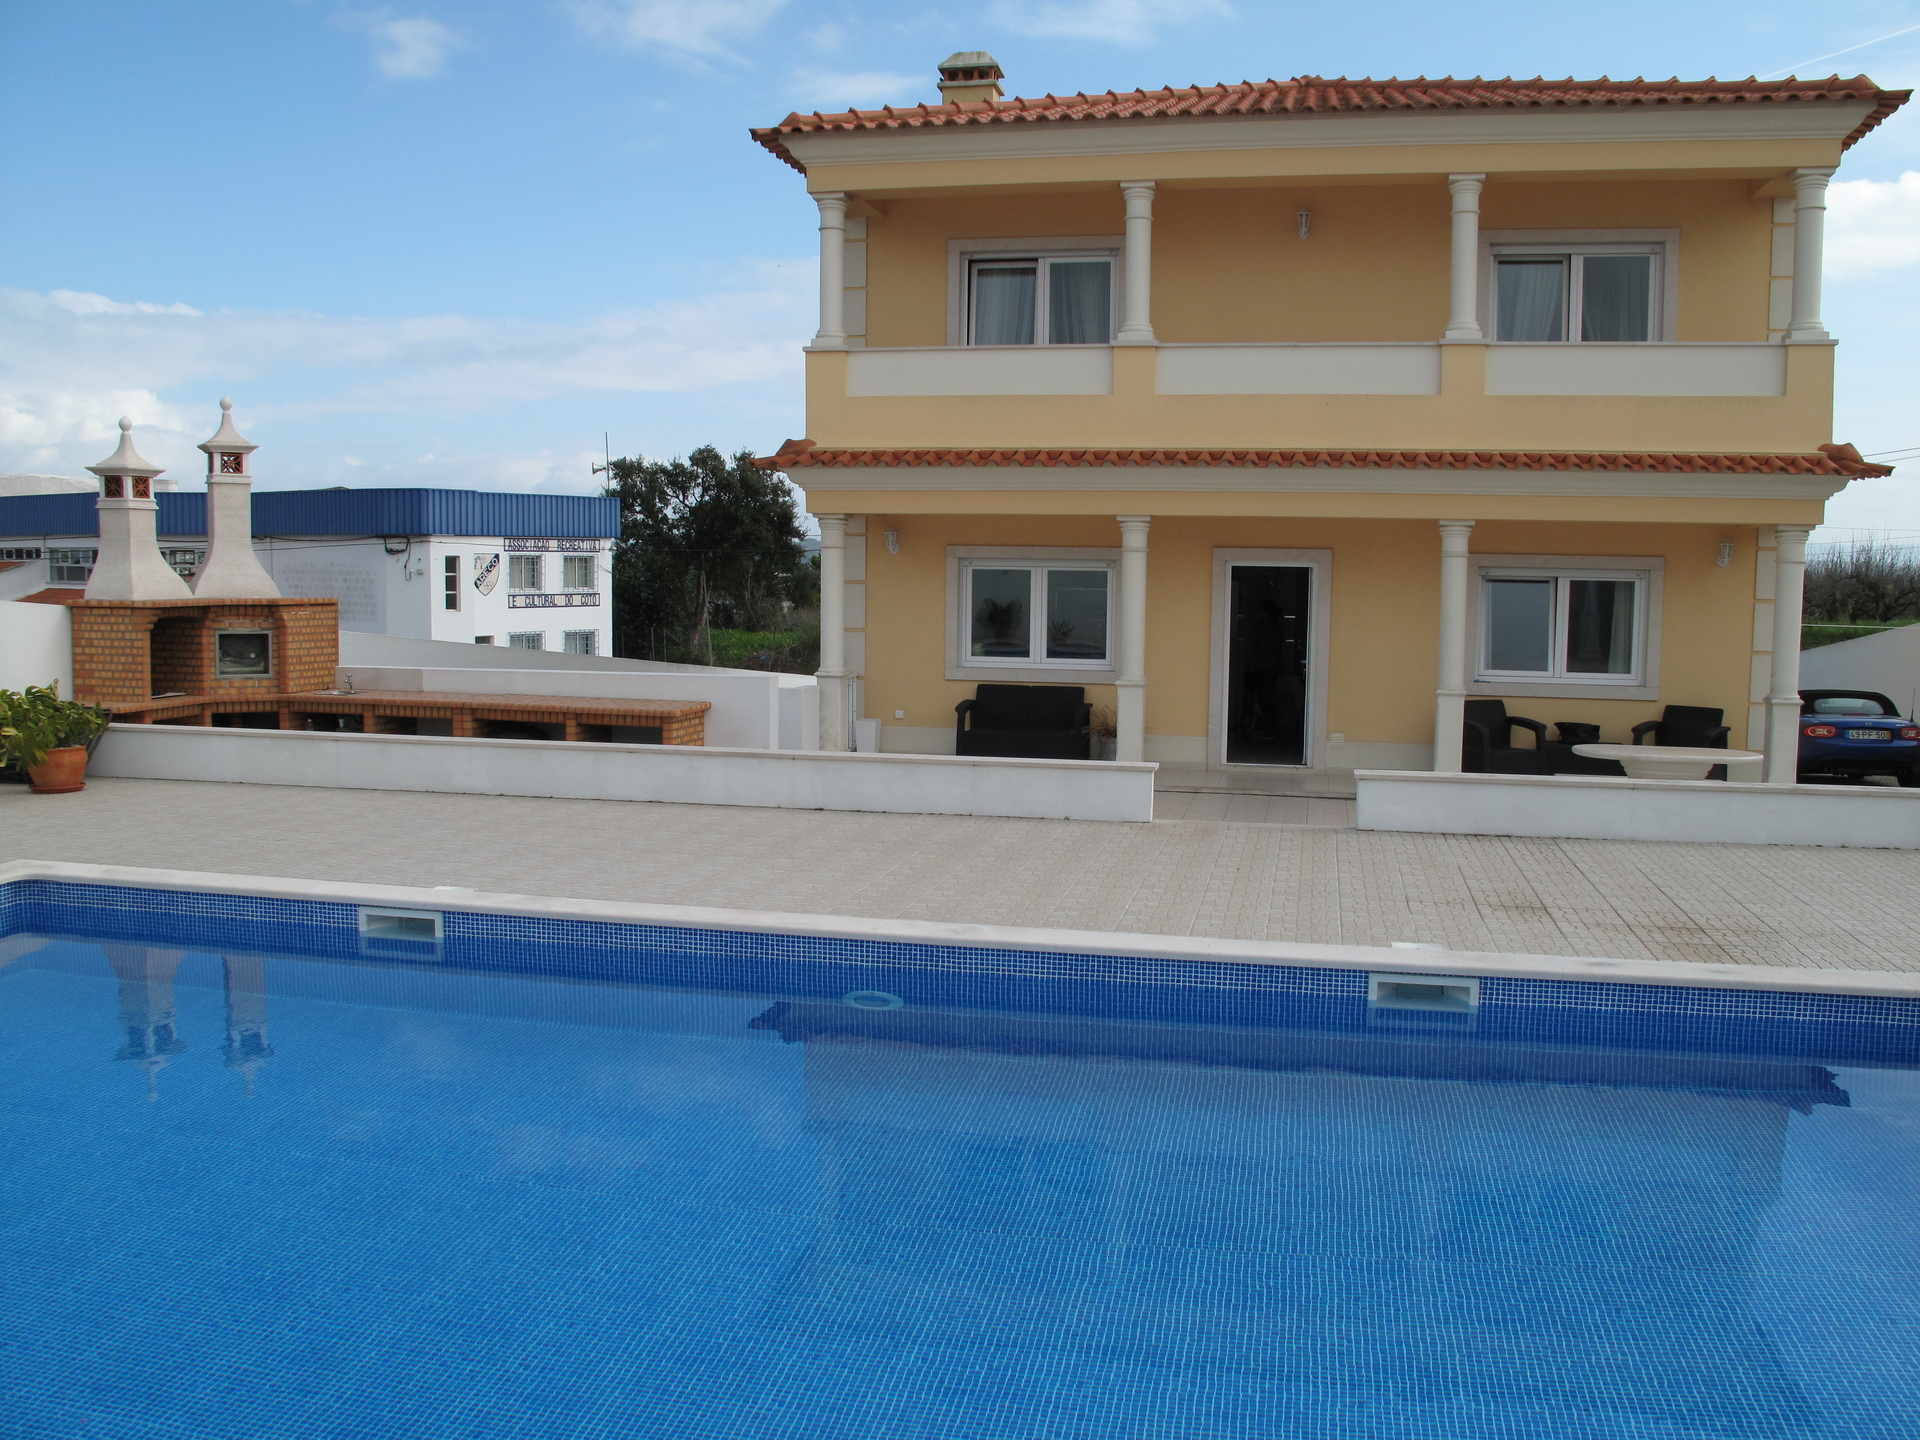 4 Bedroom Villa Caldas da Rainha, Silver Coast Ref: AV1956